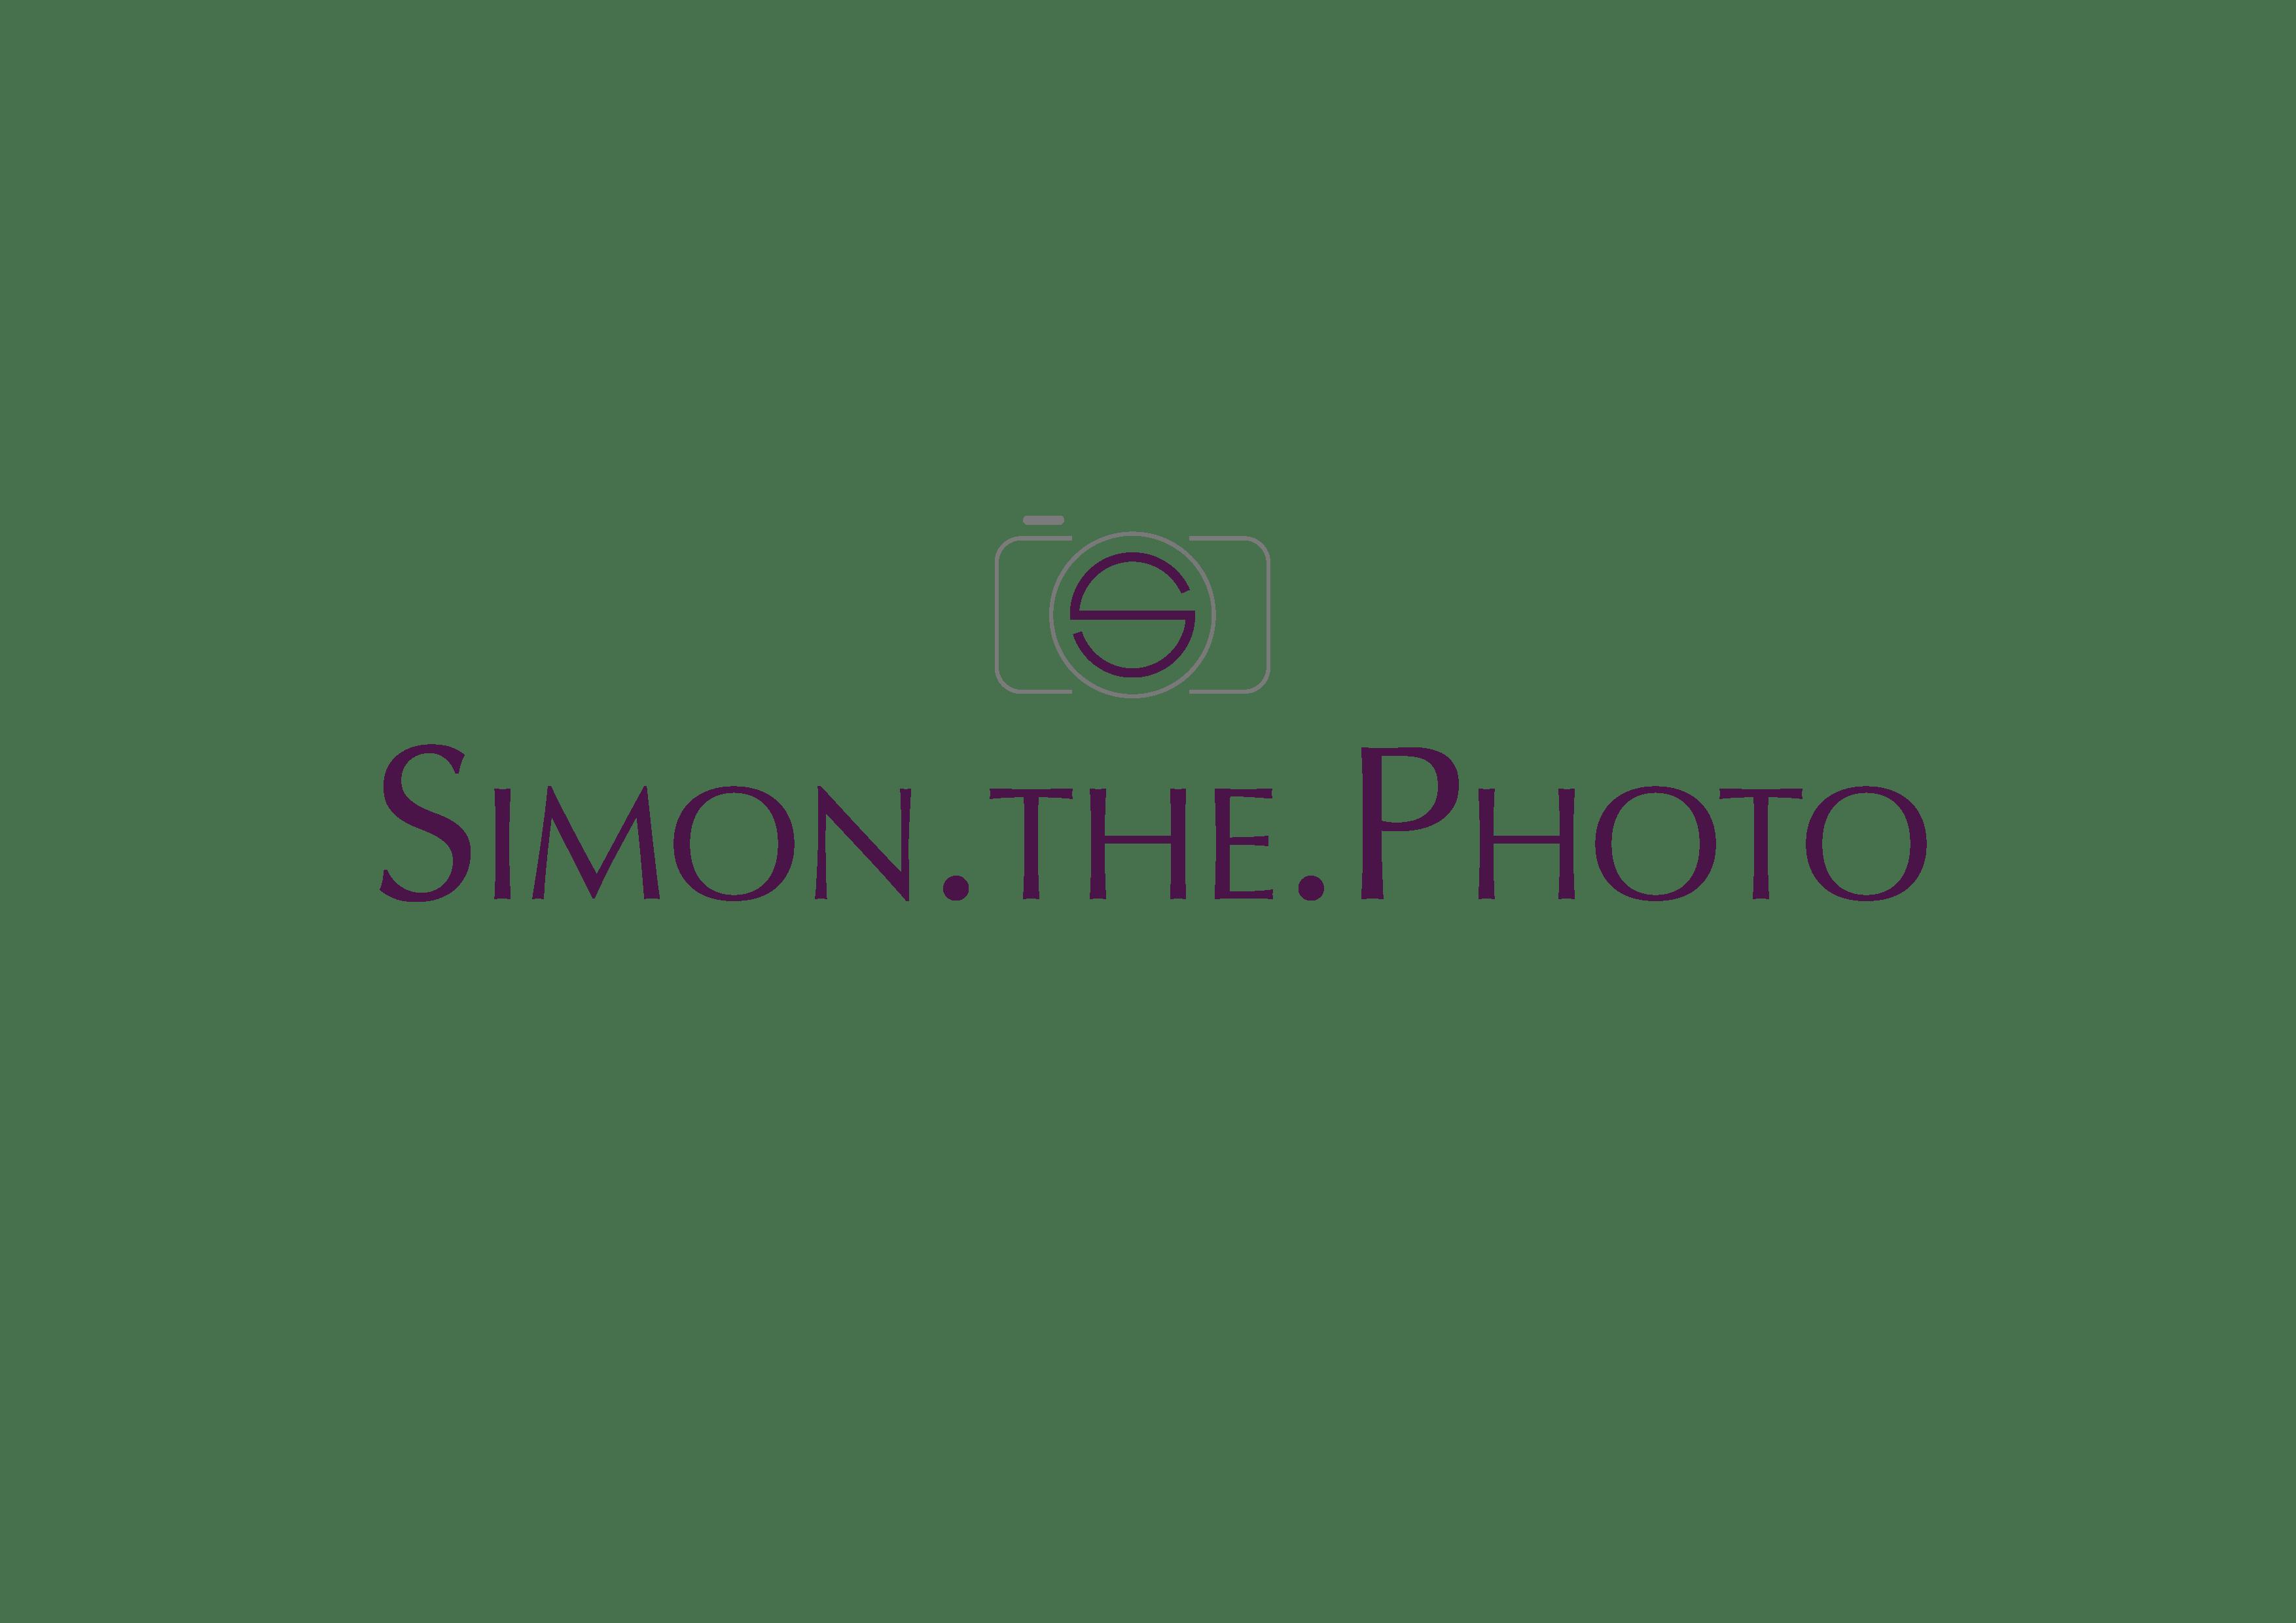 2019 Studio Pre Wedding Promotion 2.0 confirmation 2